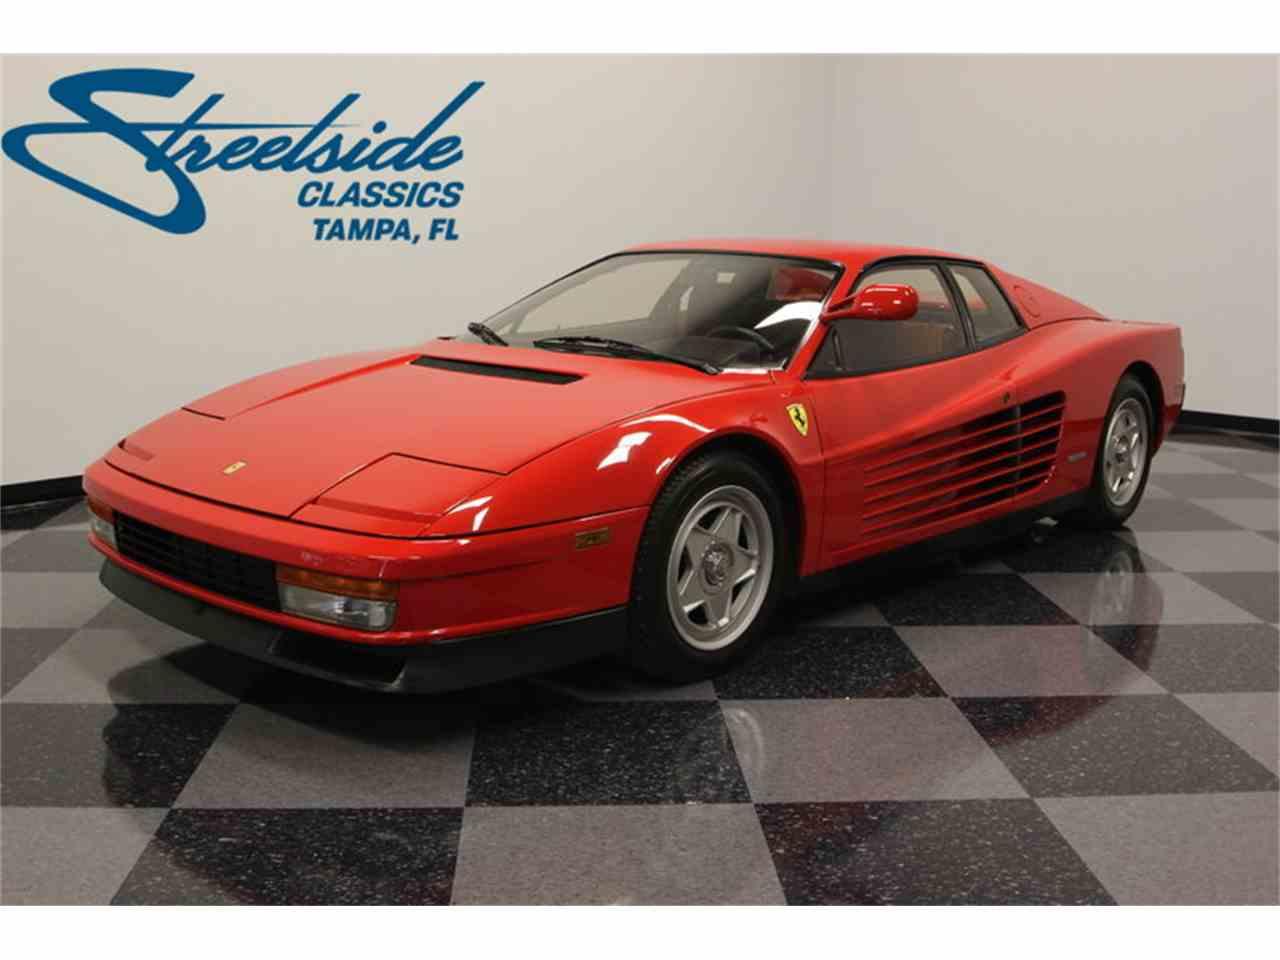 Large Picture of 1986 Ferrari Testarossa located in Lutz Florida - FNNC